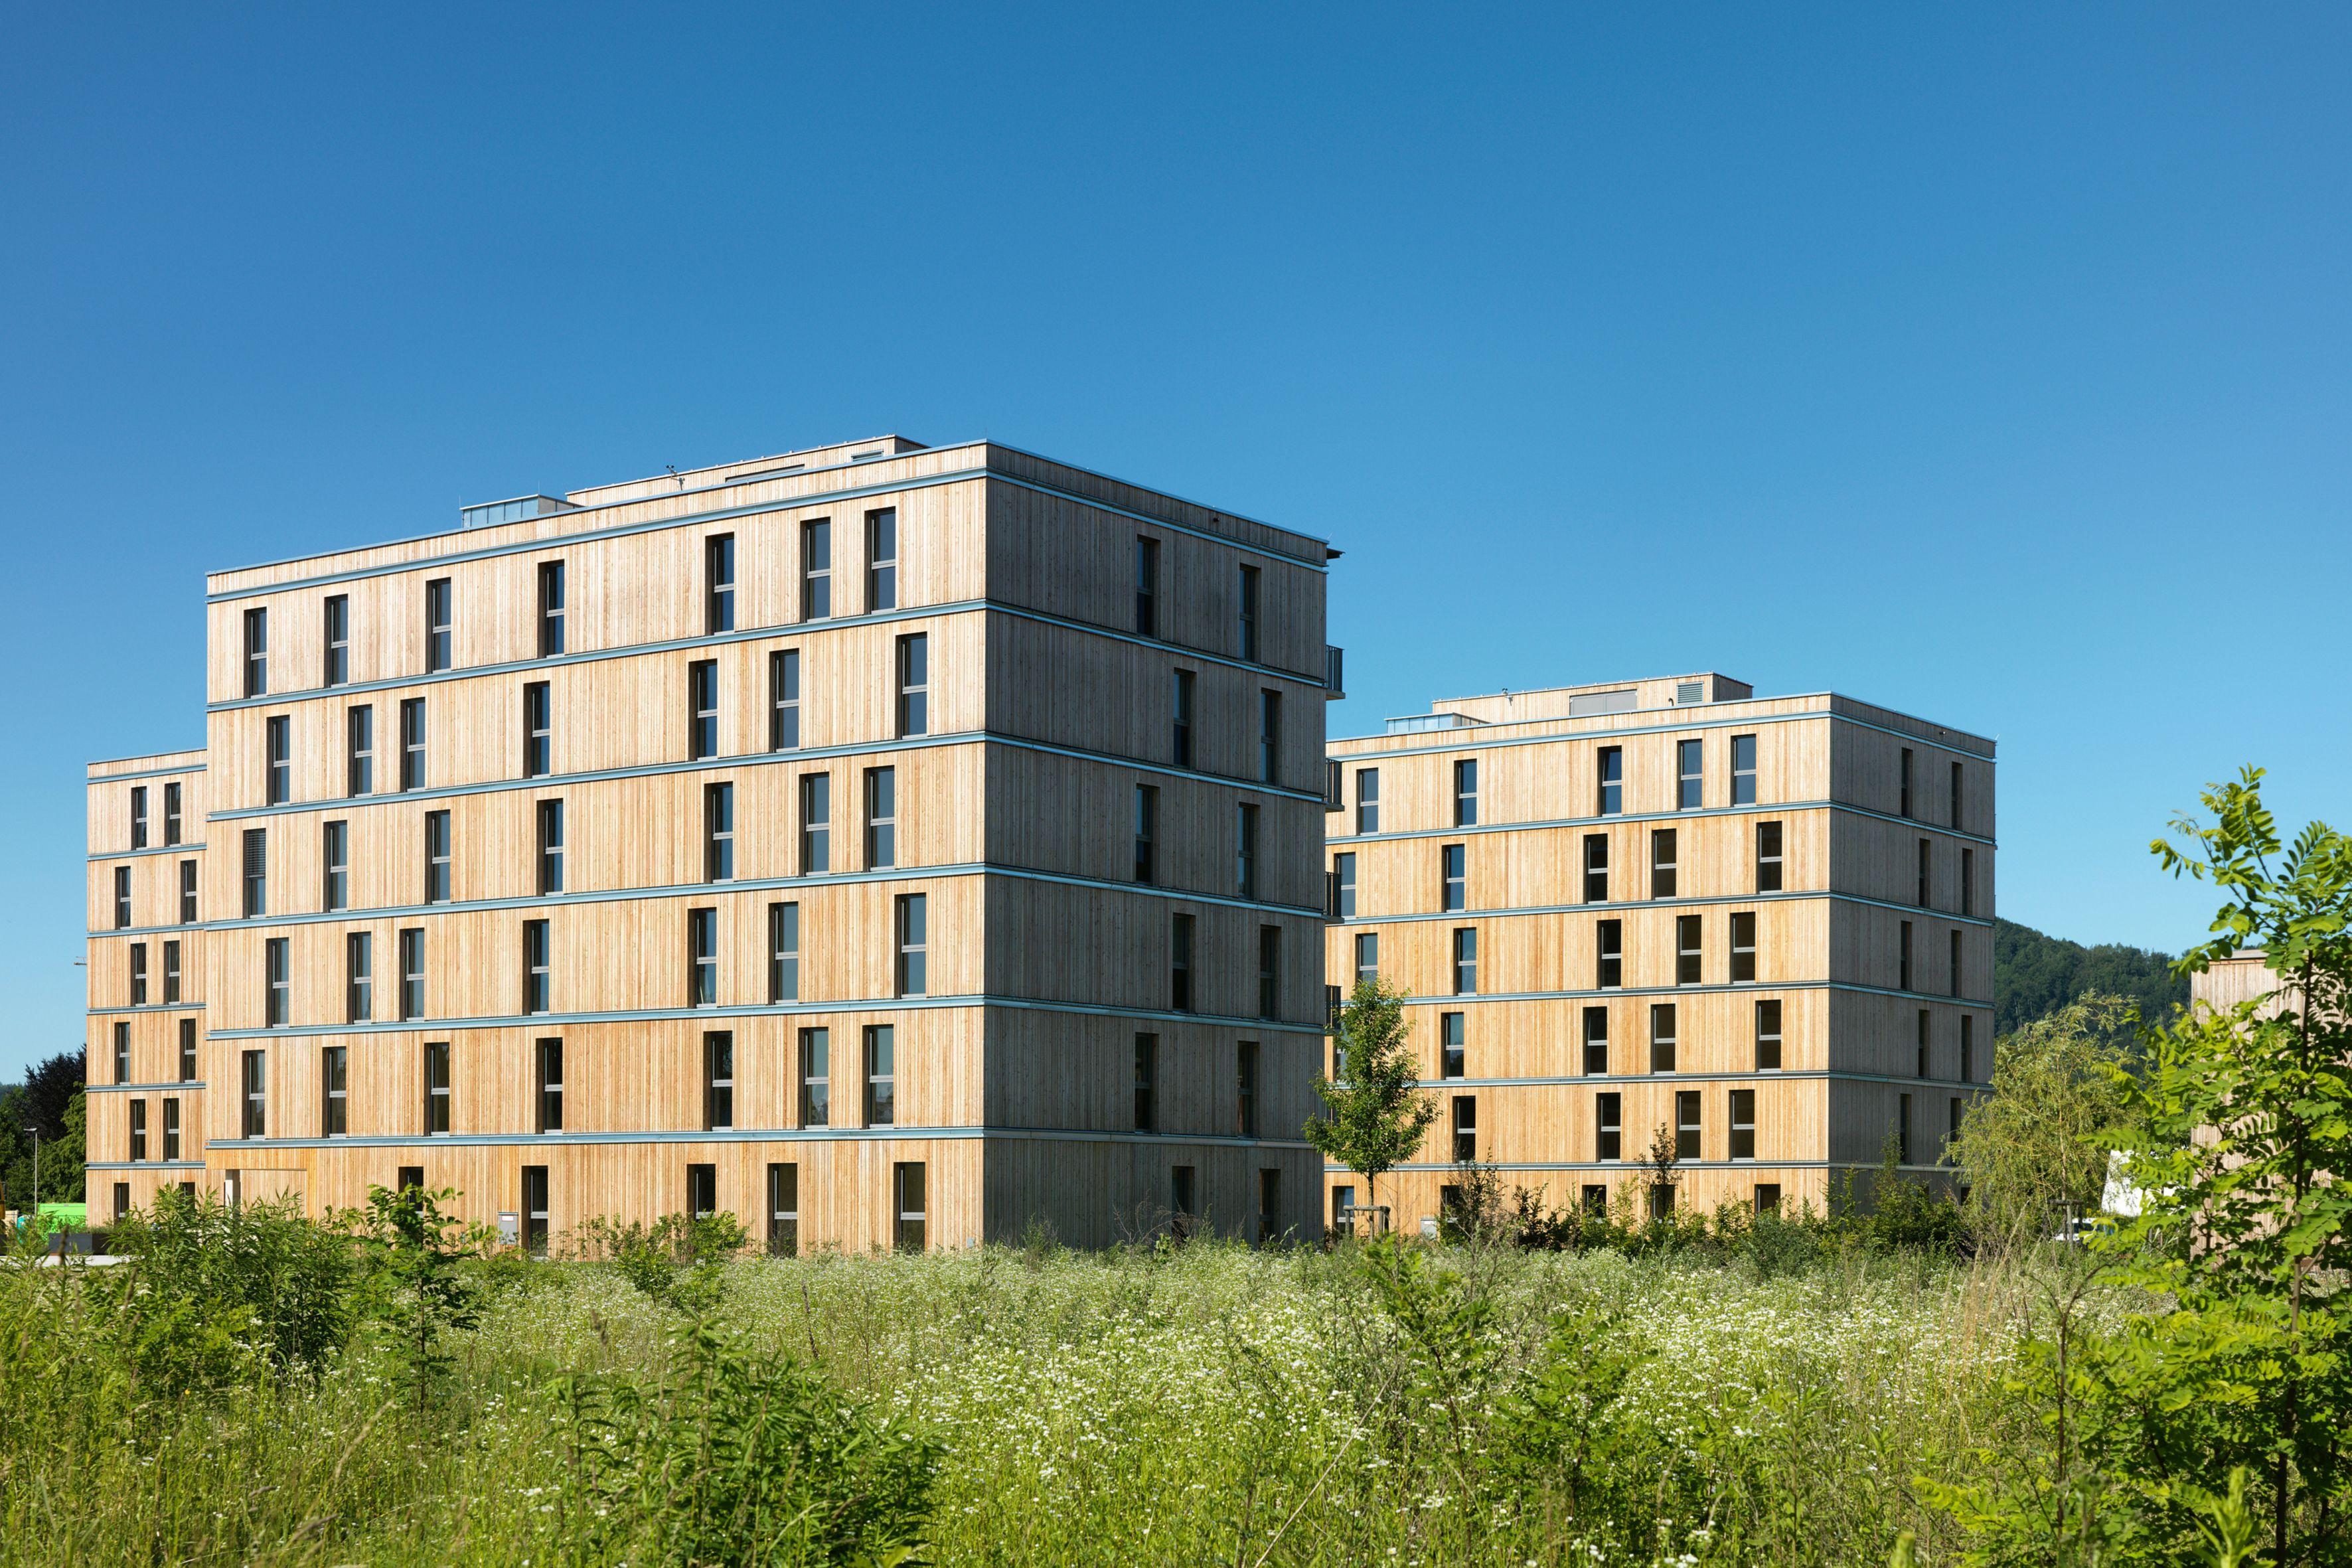 Hervorzuheben ist der hohe Anteil an Grünflächen rund um die Bauwerke